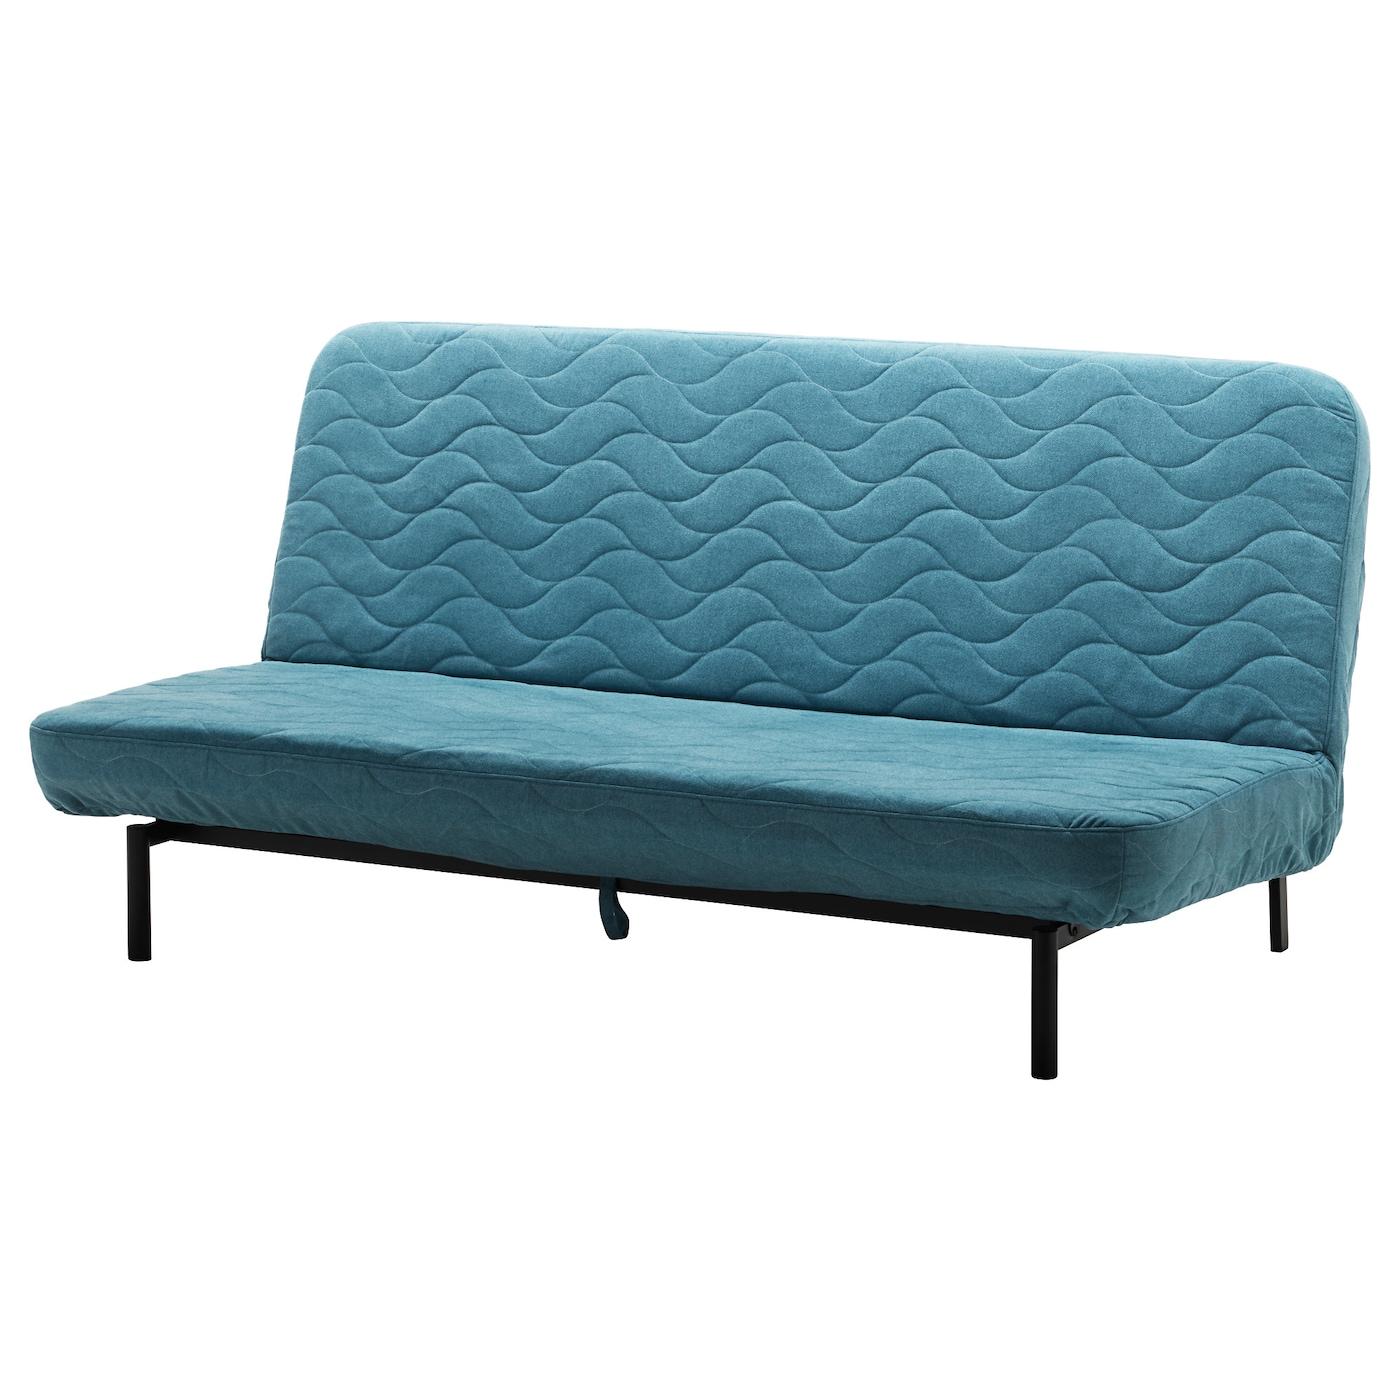 Sofa Beds & Futons